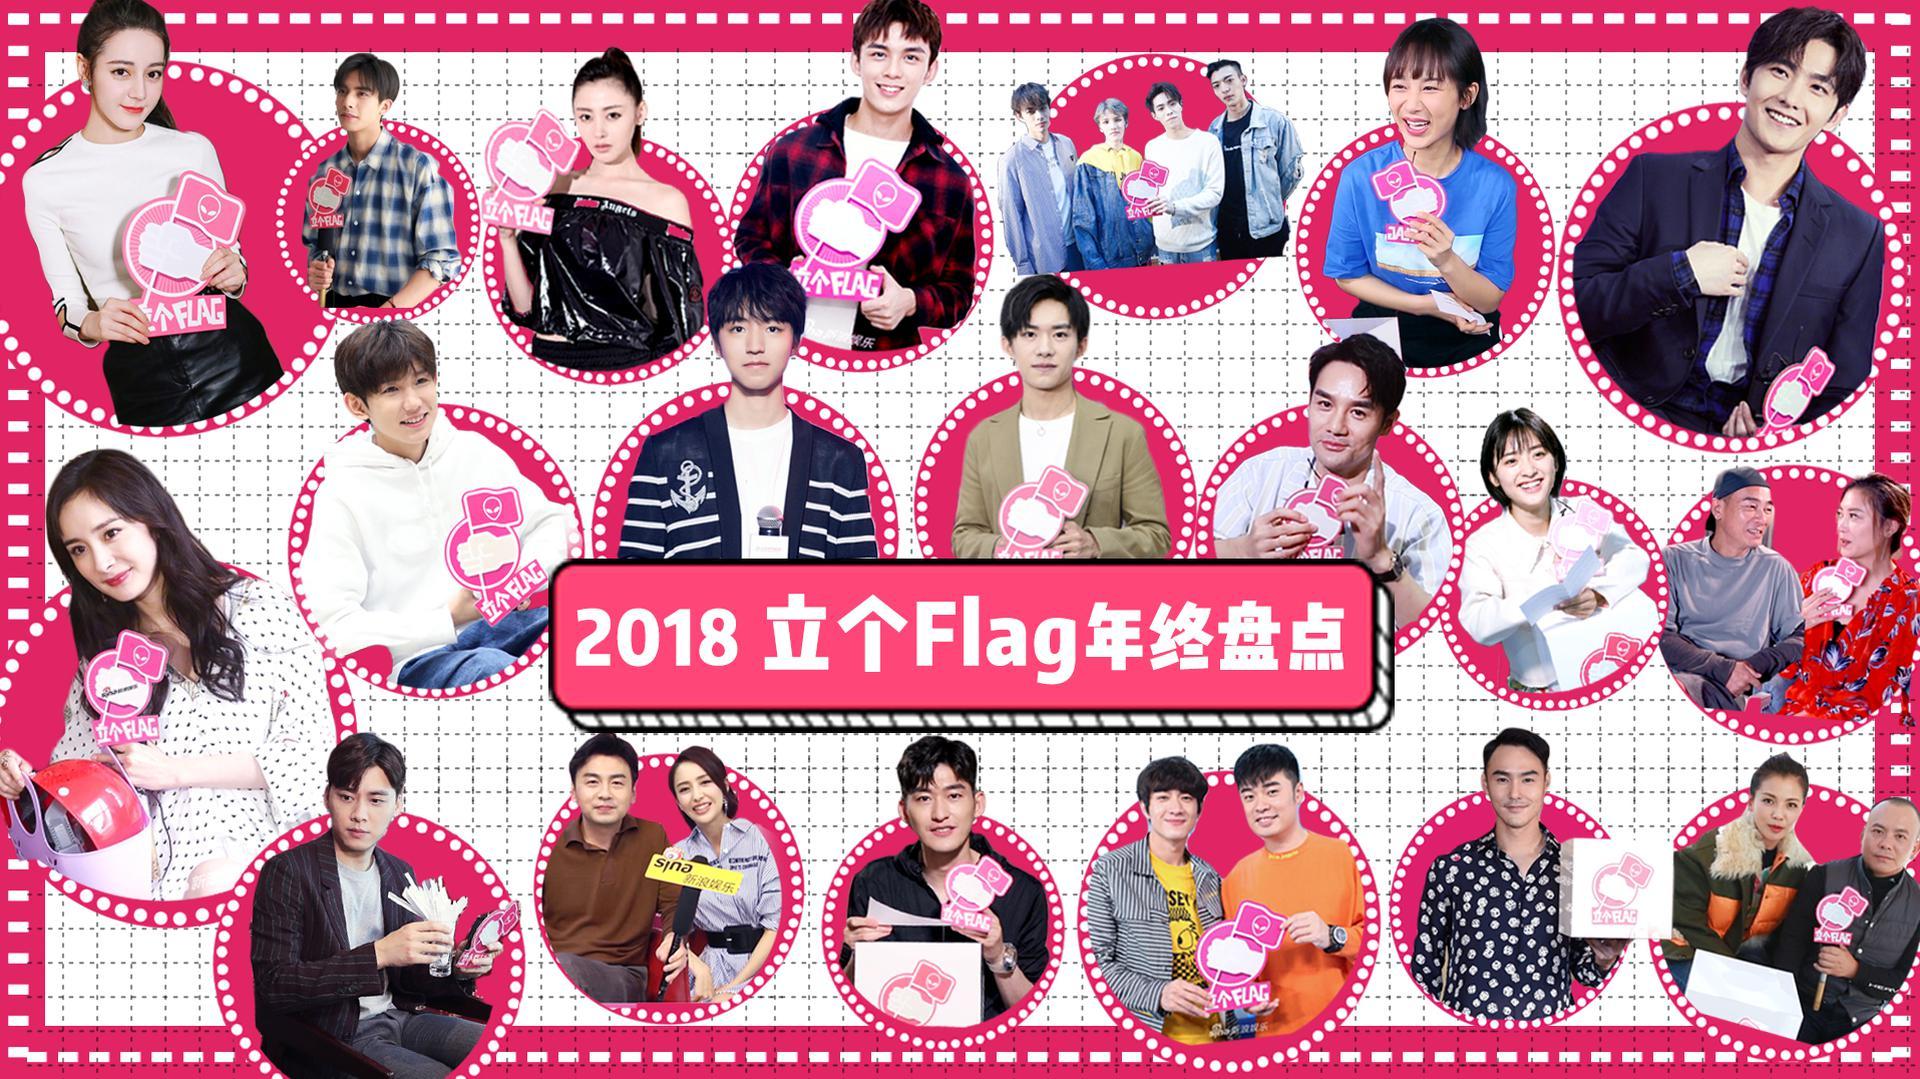 新浪娱乐2018年度盘点之2018和爱豆一起立个Flag